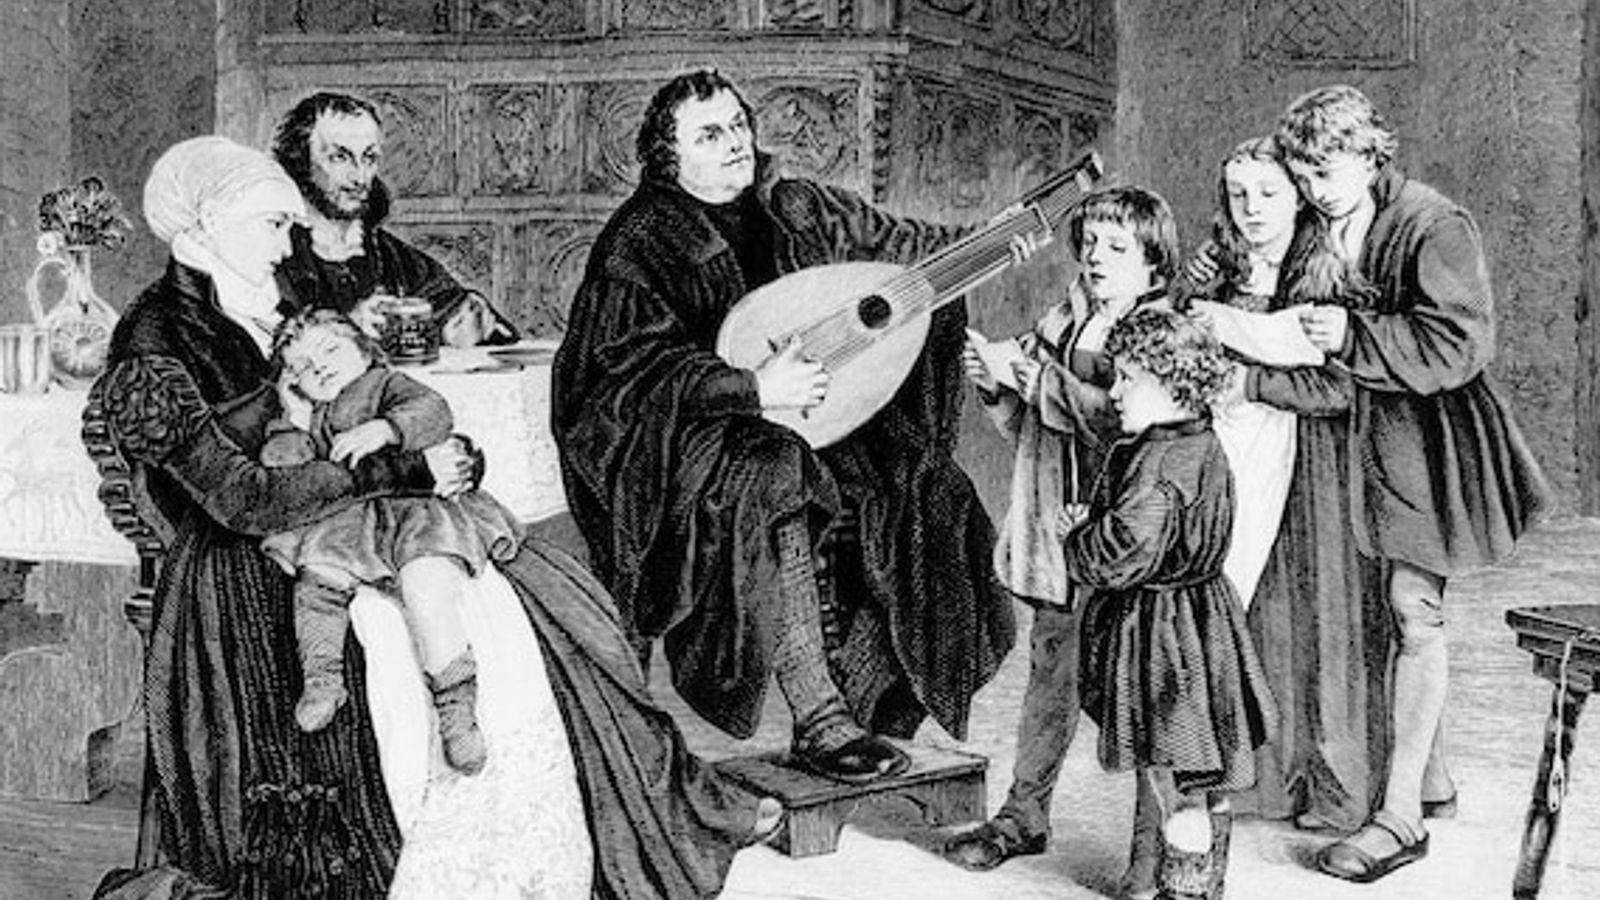 Katharina von Bora, die Frau des Reformators Martin Luther, war keine passive Zuschauerin, wie sie auf ...